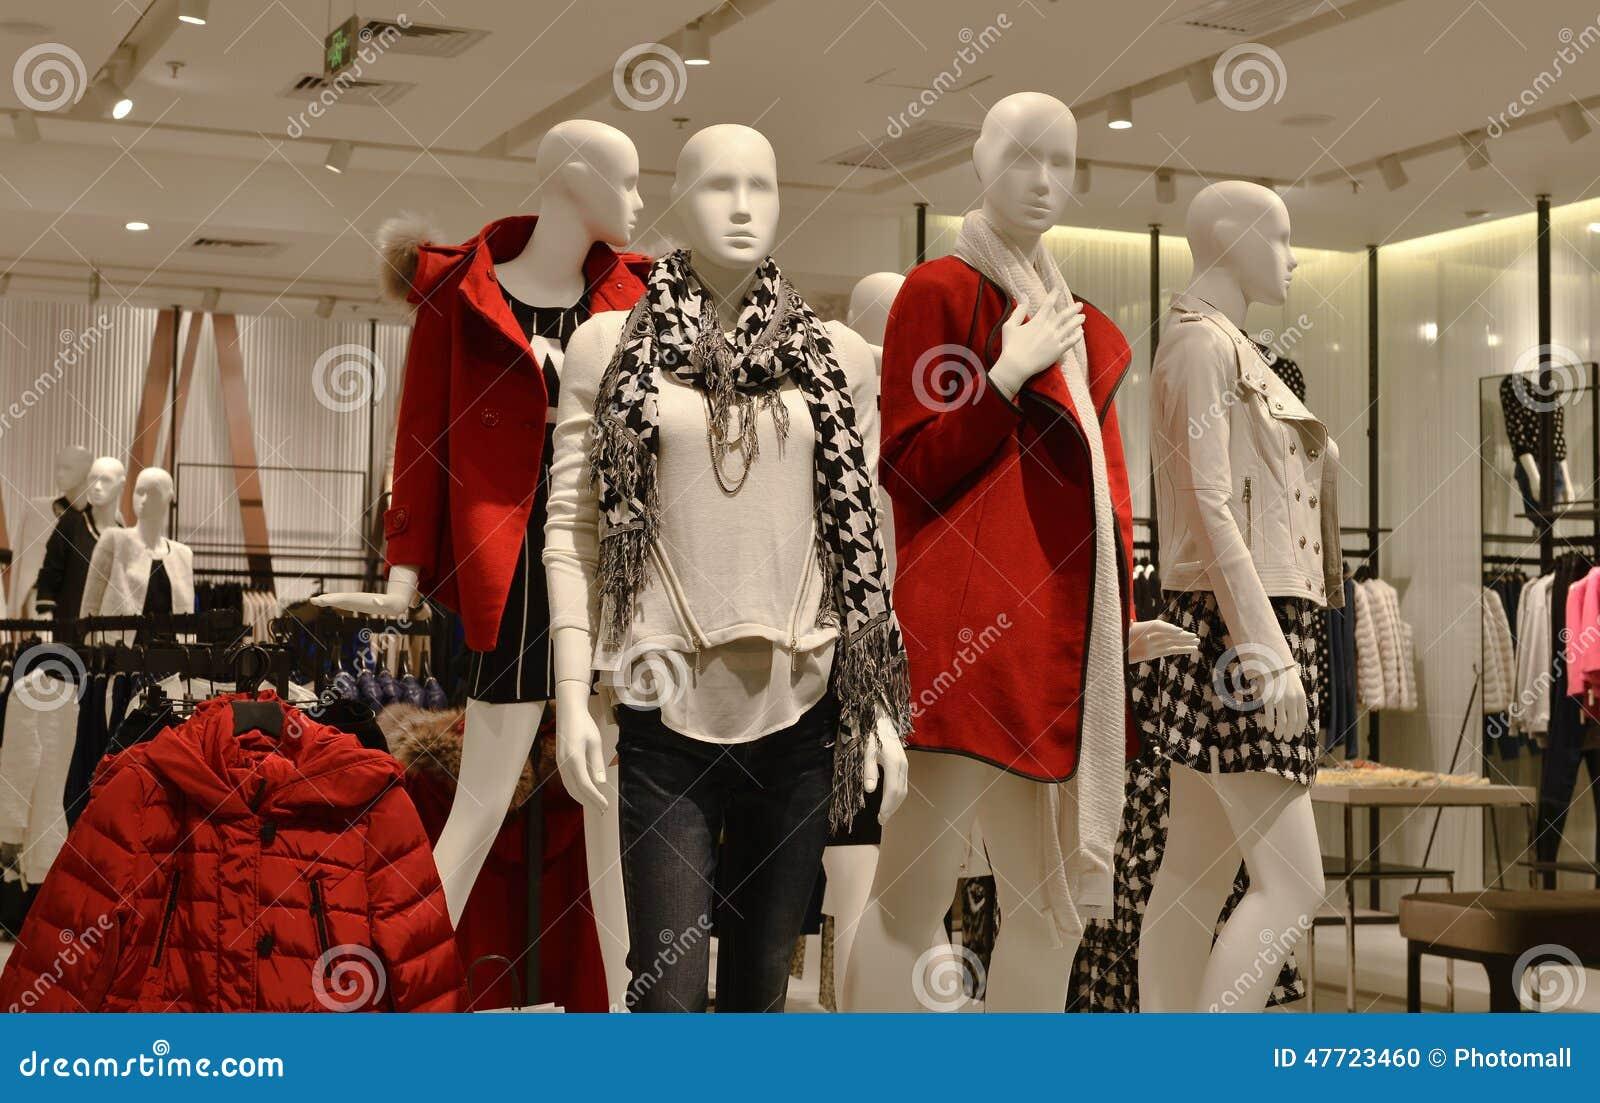 Kleidungsshop Herbstwintermode Mannequins in Mode, Kleiderspeicher, Bekleidungsgeschäft,